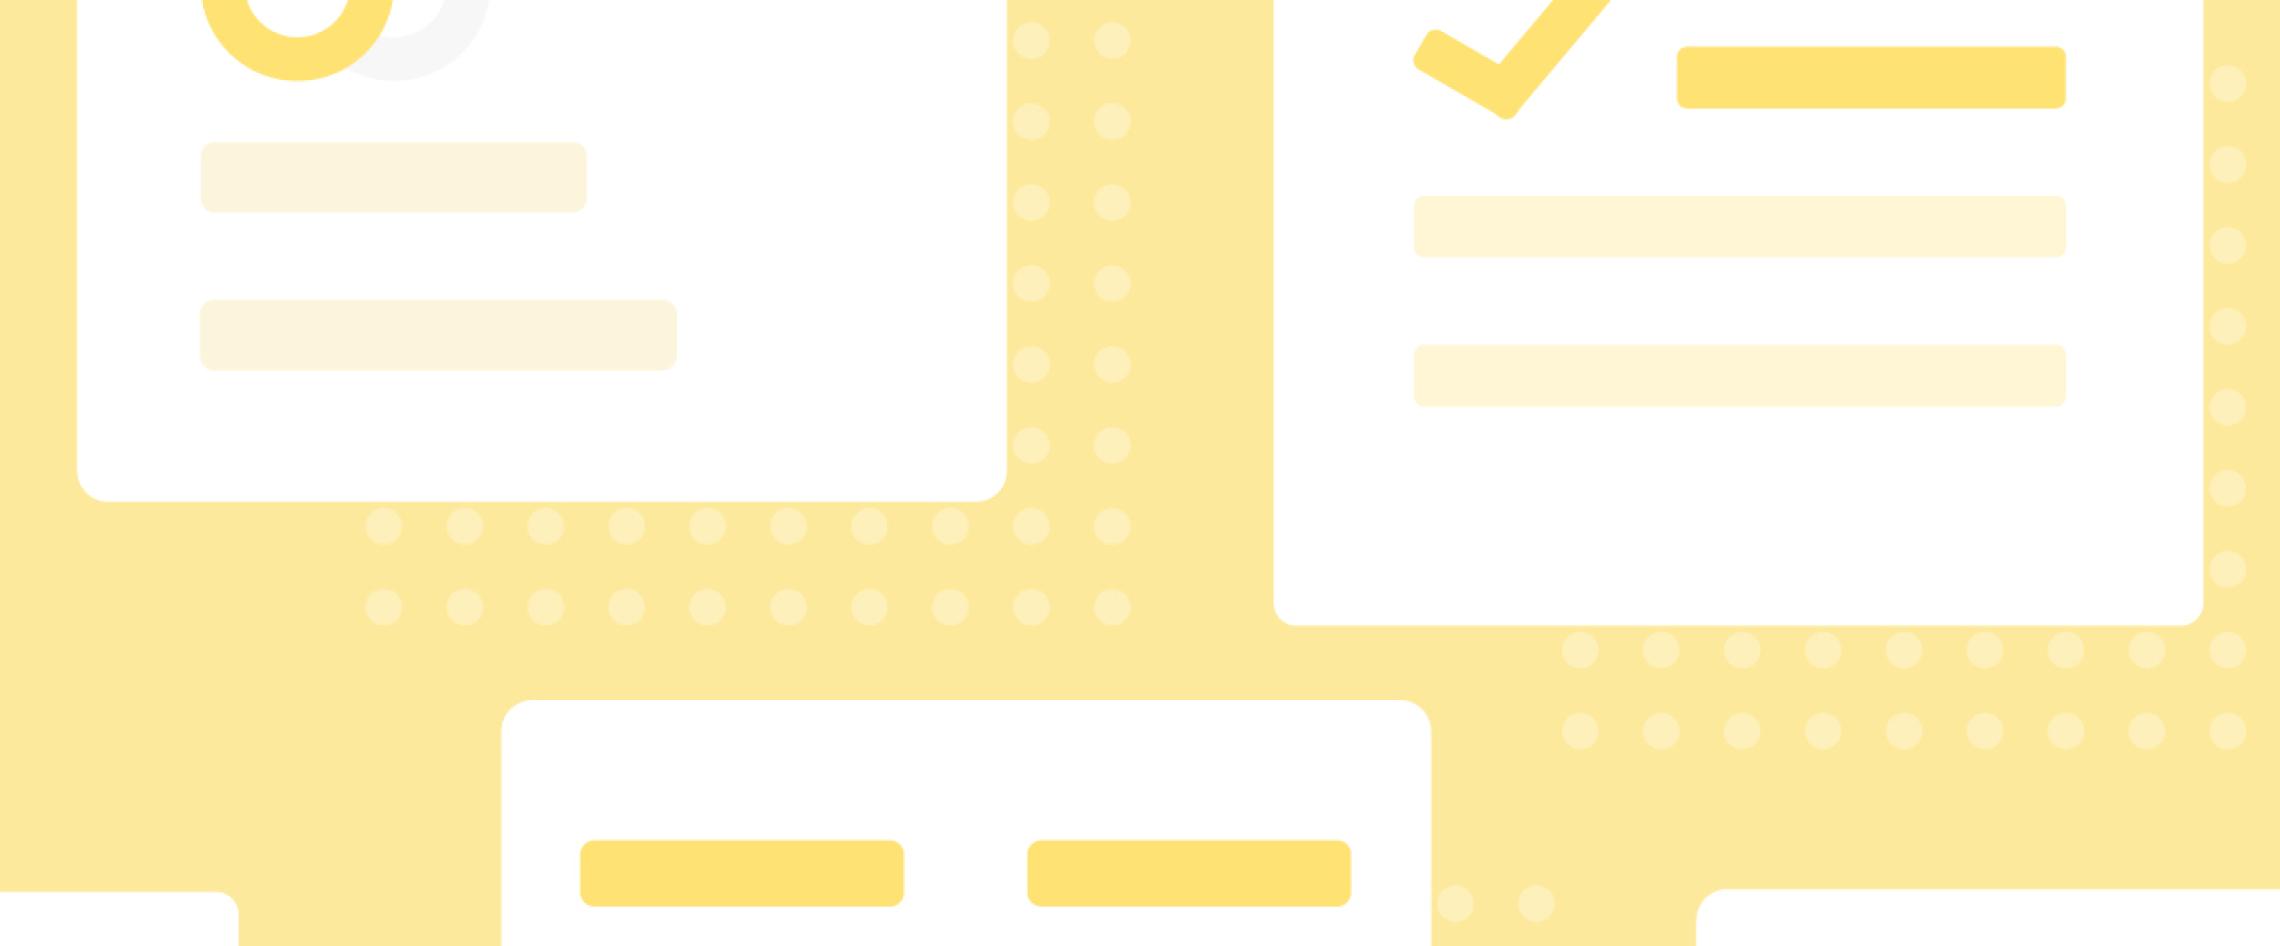 Assetto logo